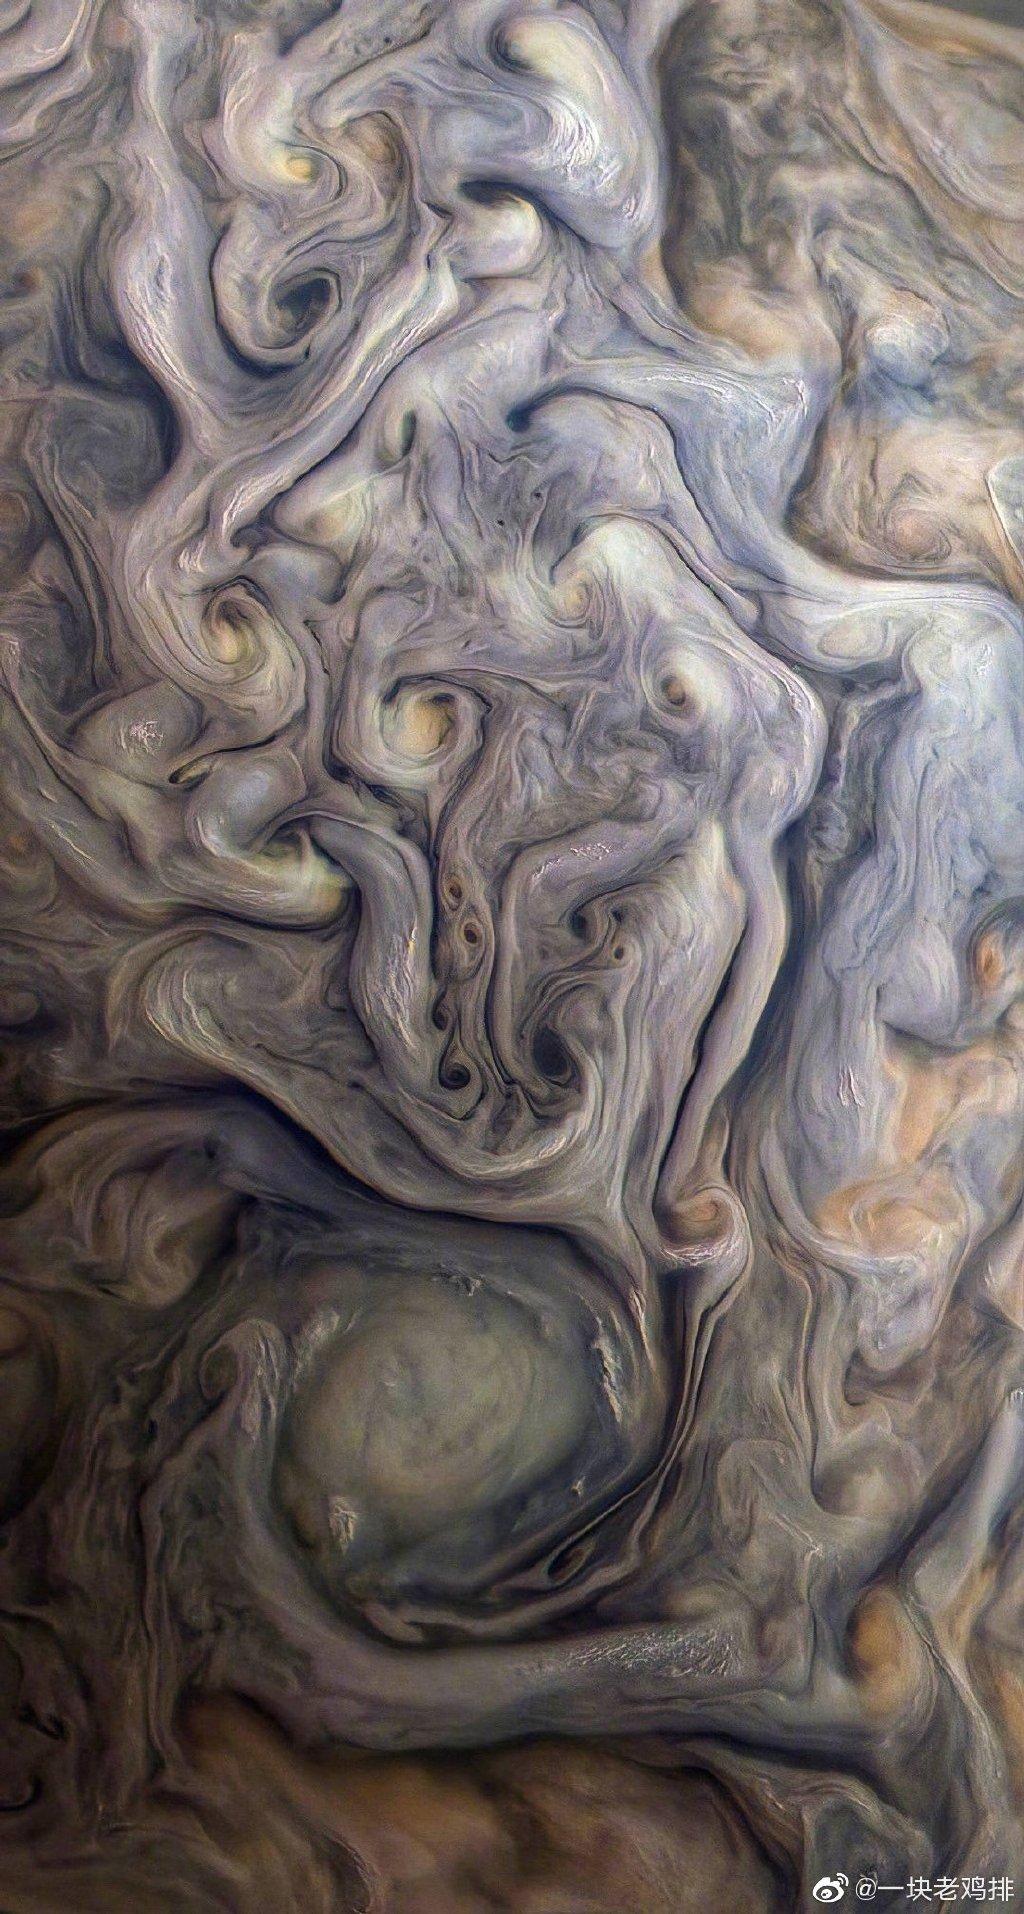 震撼!太阳系星球内部360°全景样貌实况图 liuliushe.net六六社 第4张